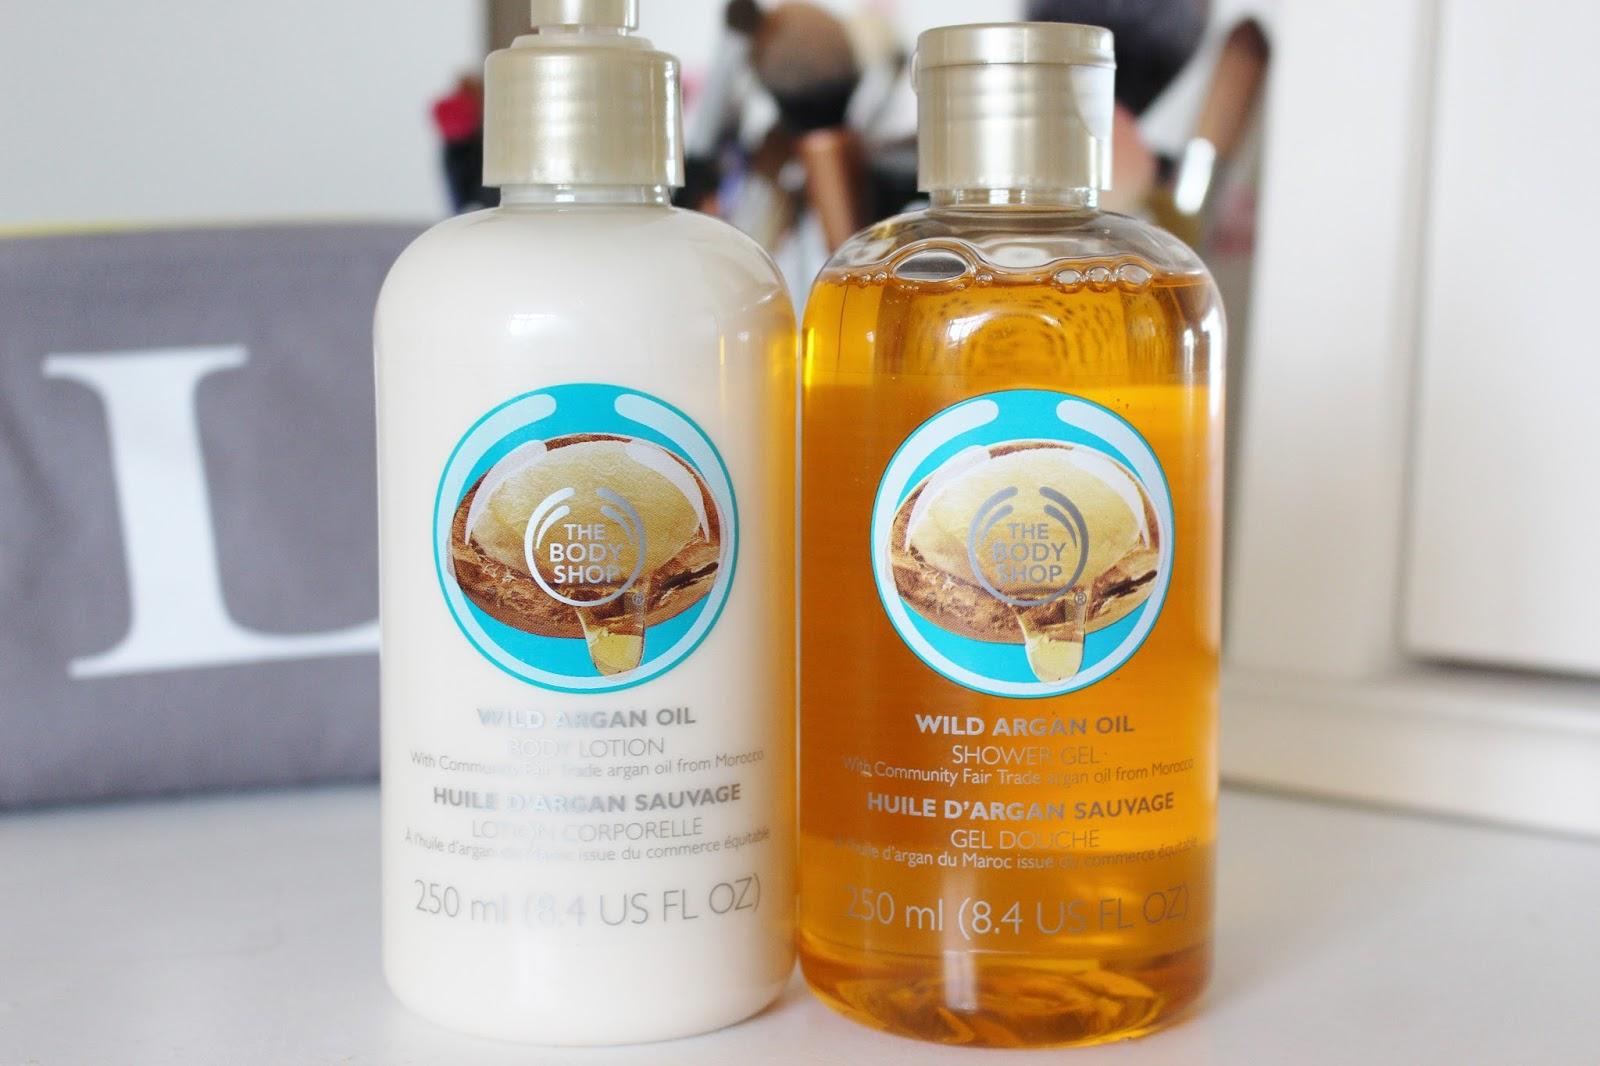 The Body Shop Wild Argan Oil Shower Gel & Body Lotion - Lottie Pearce